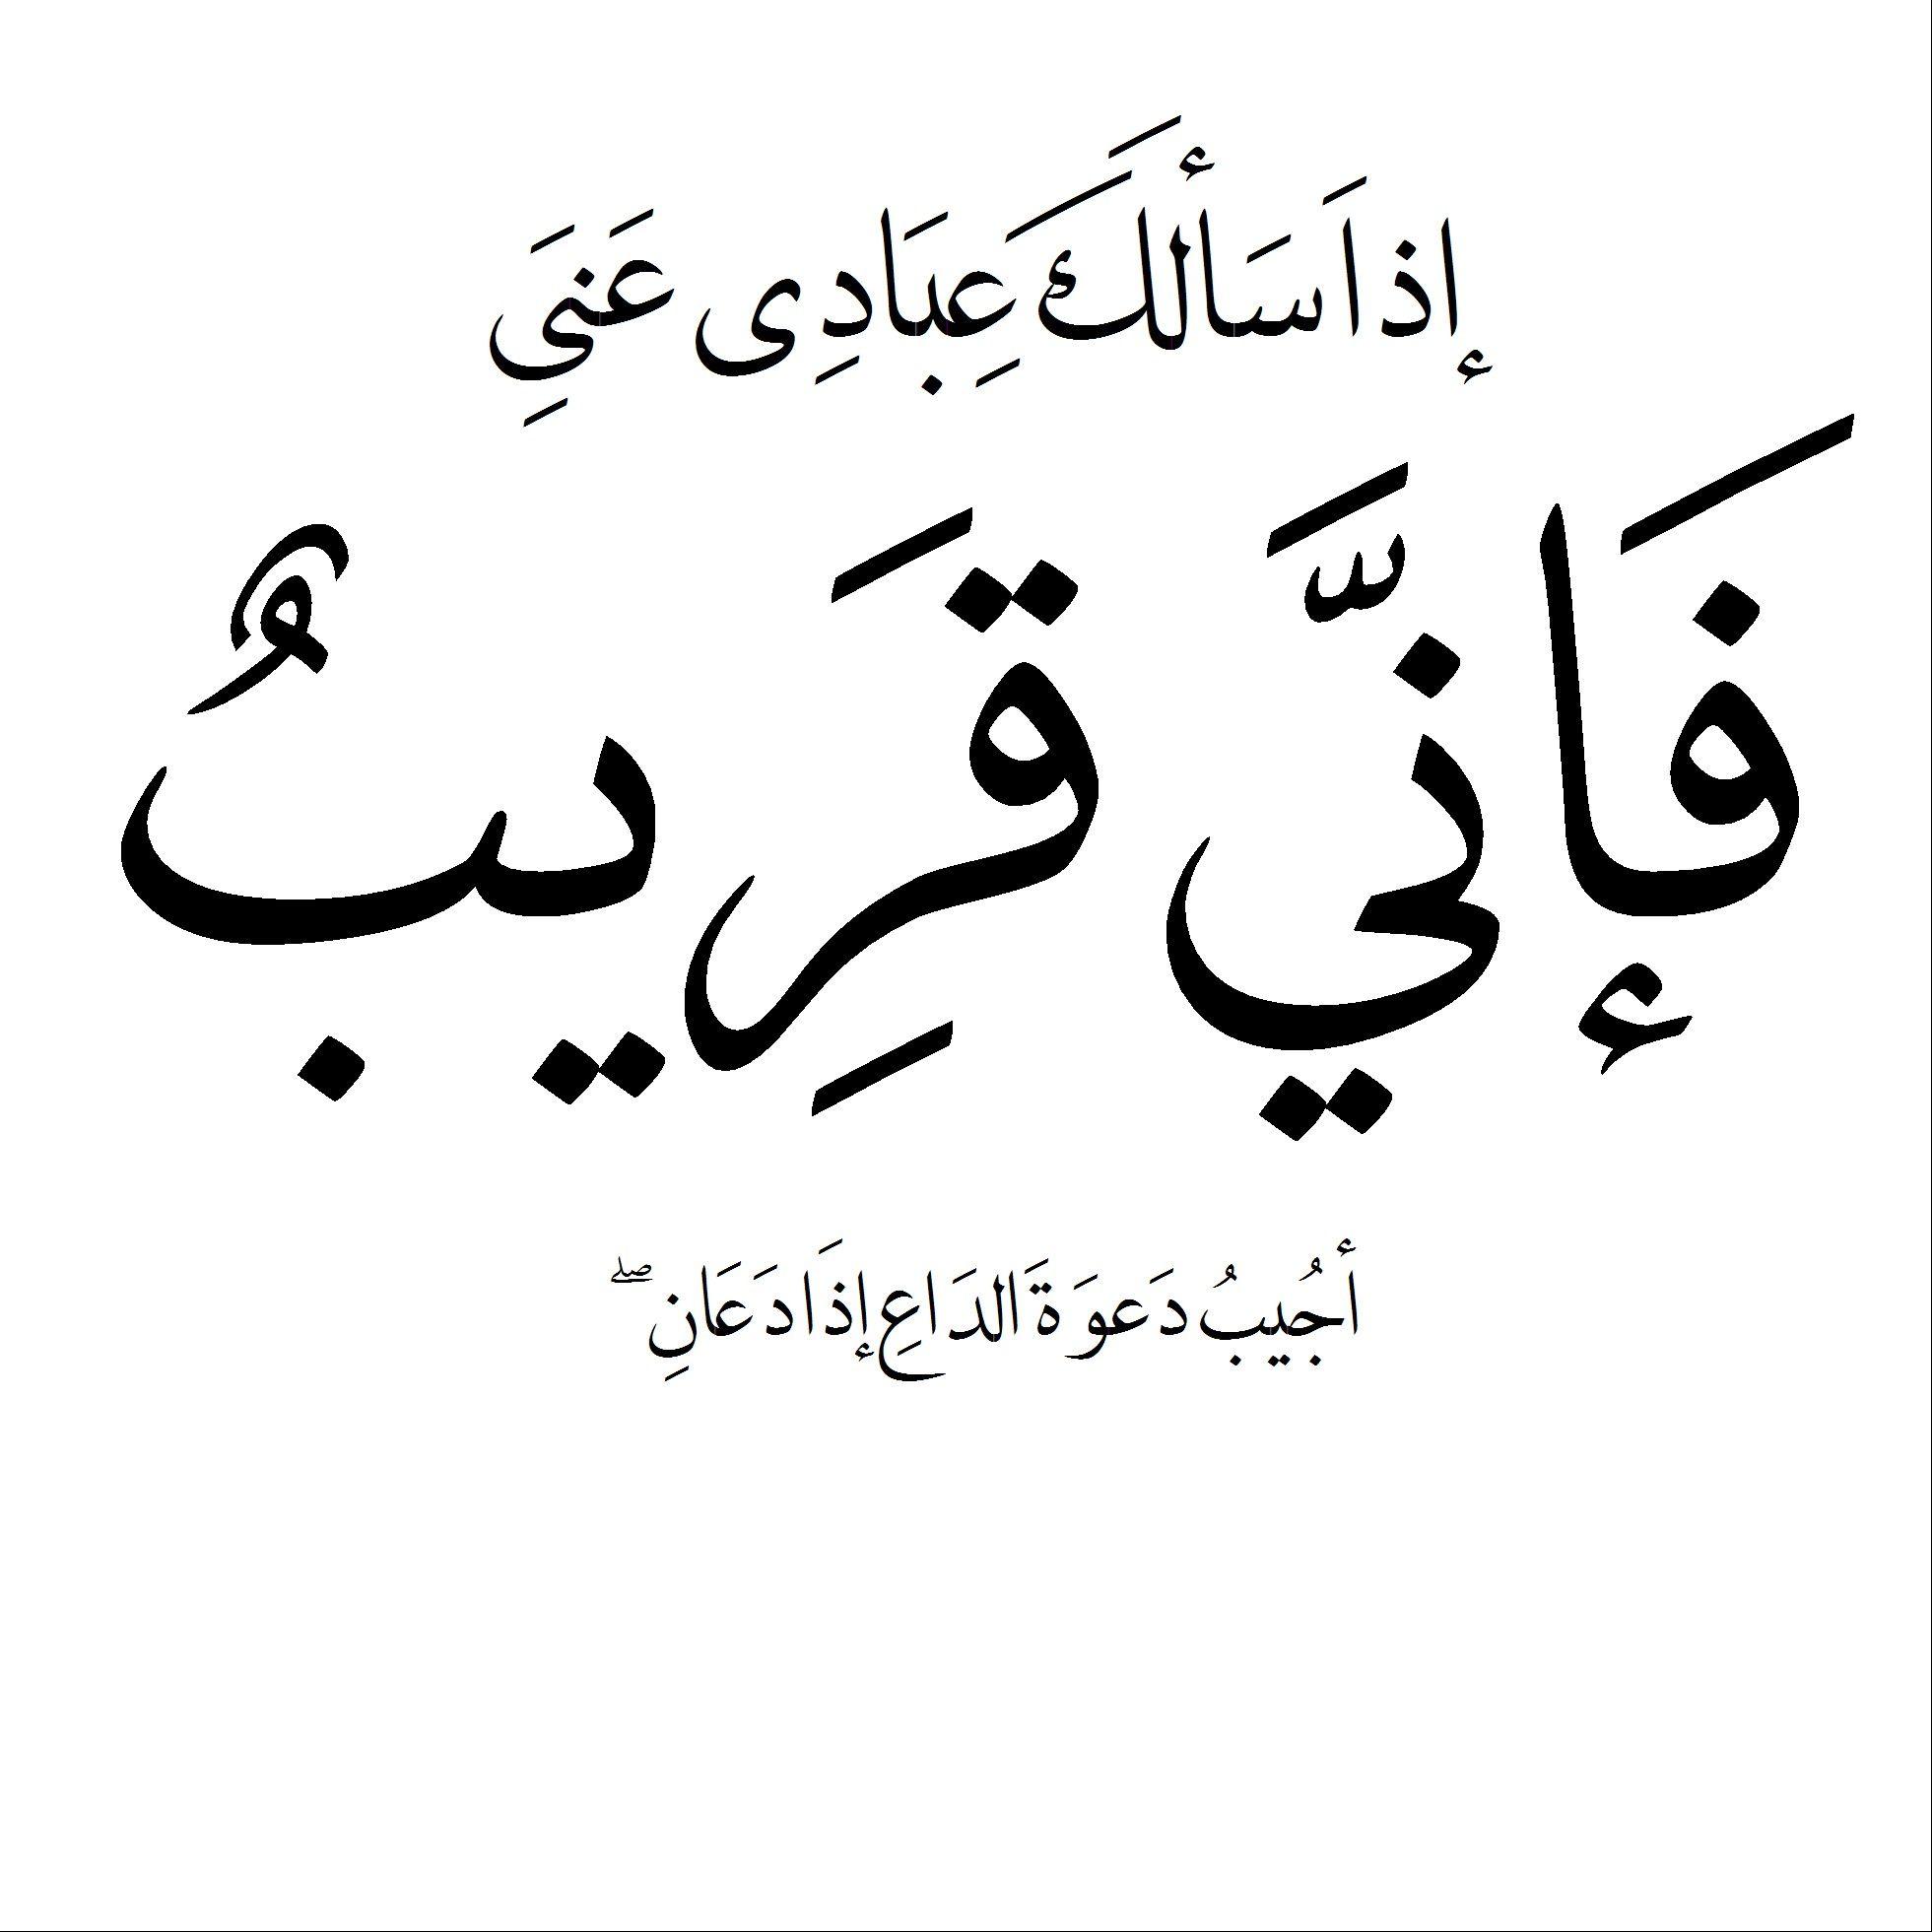 فانى قريب Quran Quotes Islamic Quotes Islamic Phrases